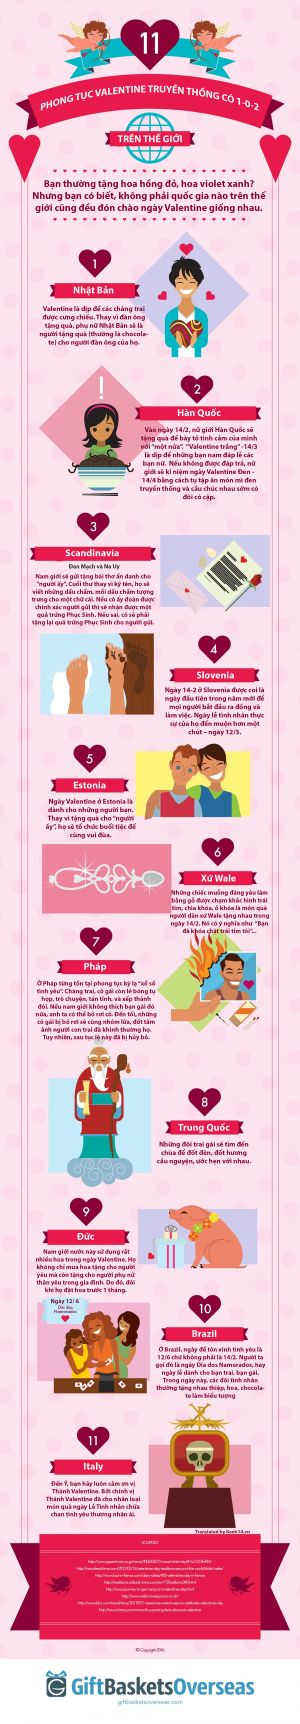 Đố bạn: Phong tục Valentine nơi nào lạ lùng nhất thế giới?